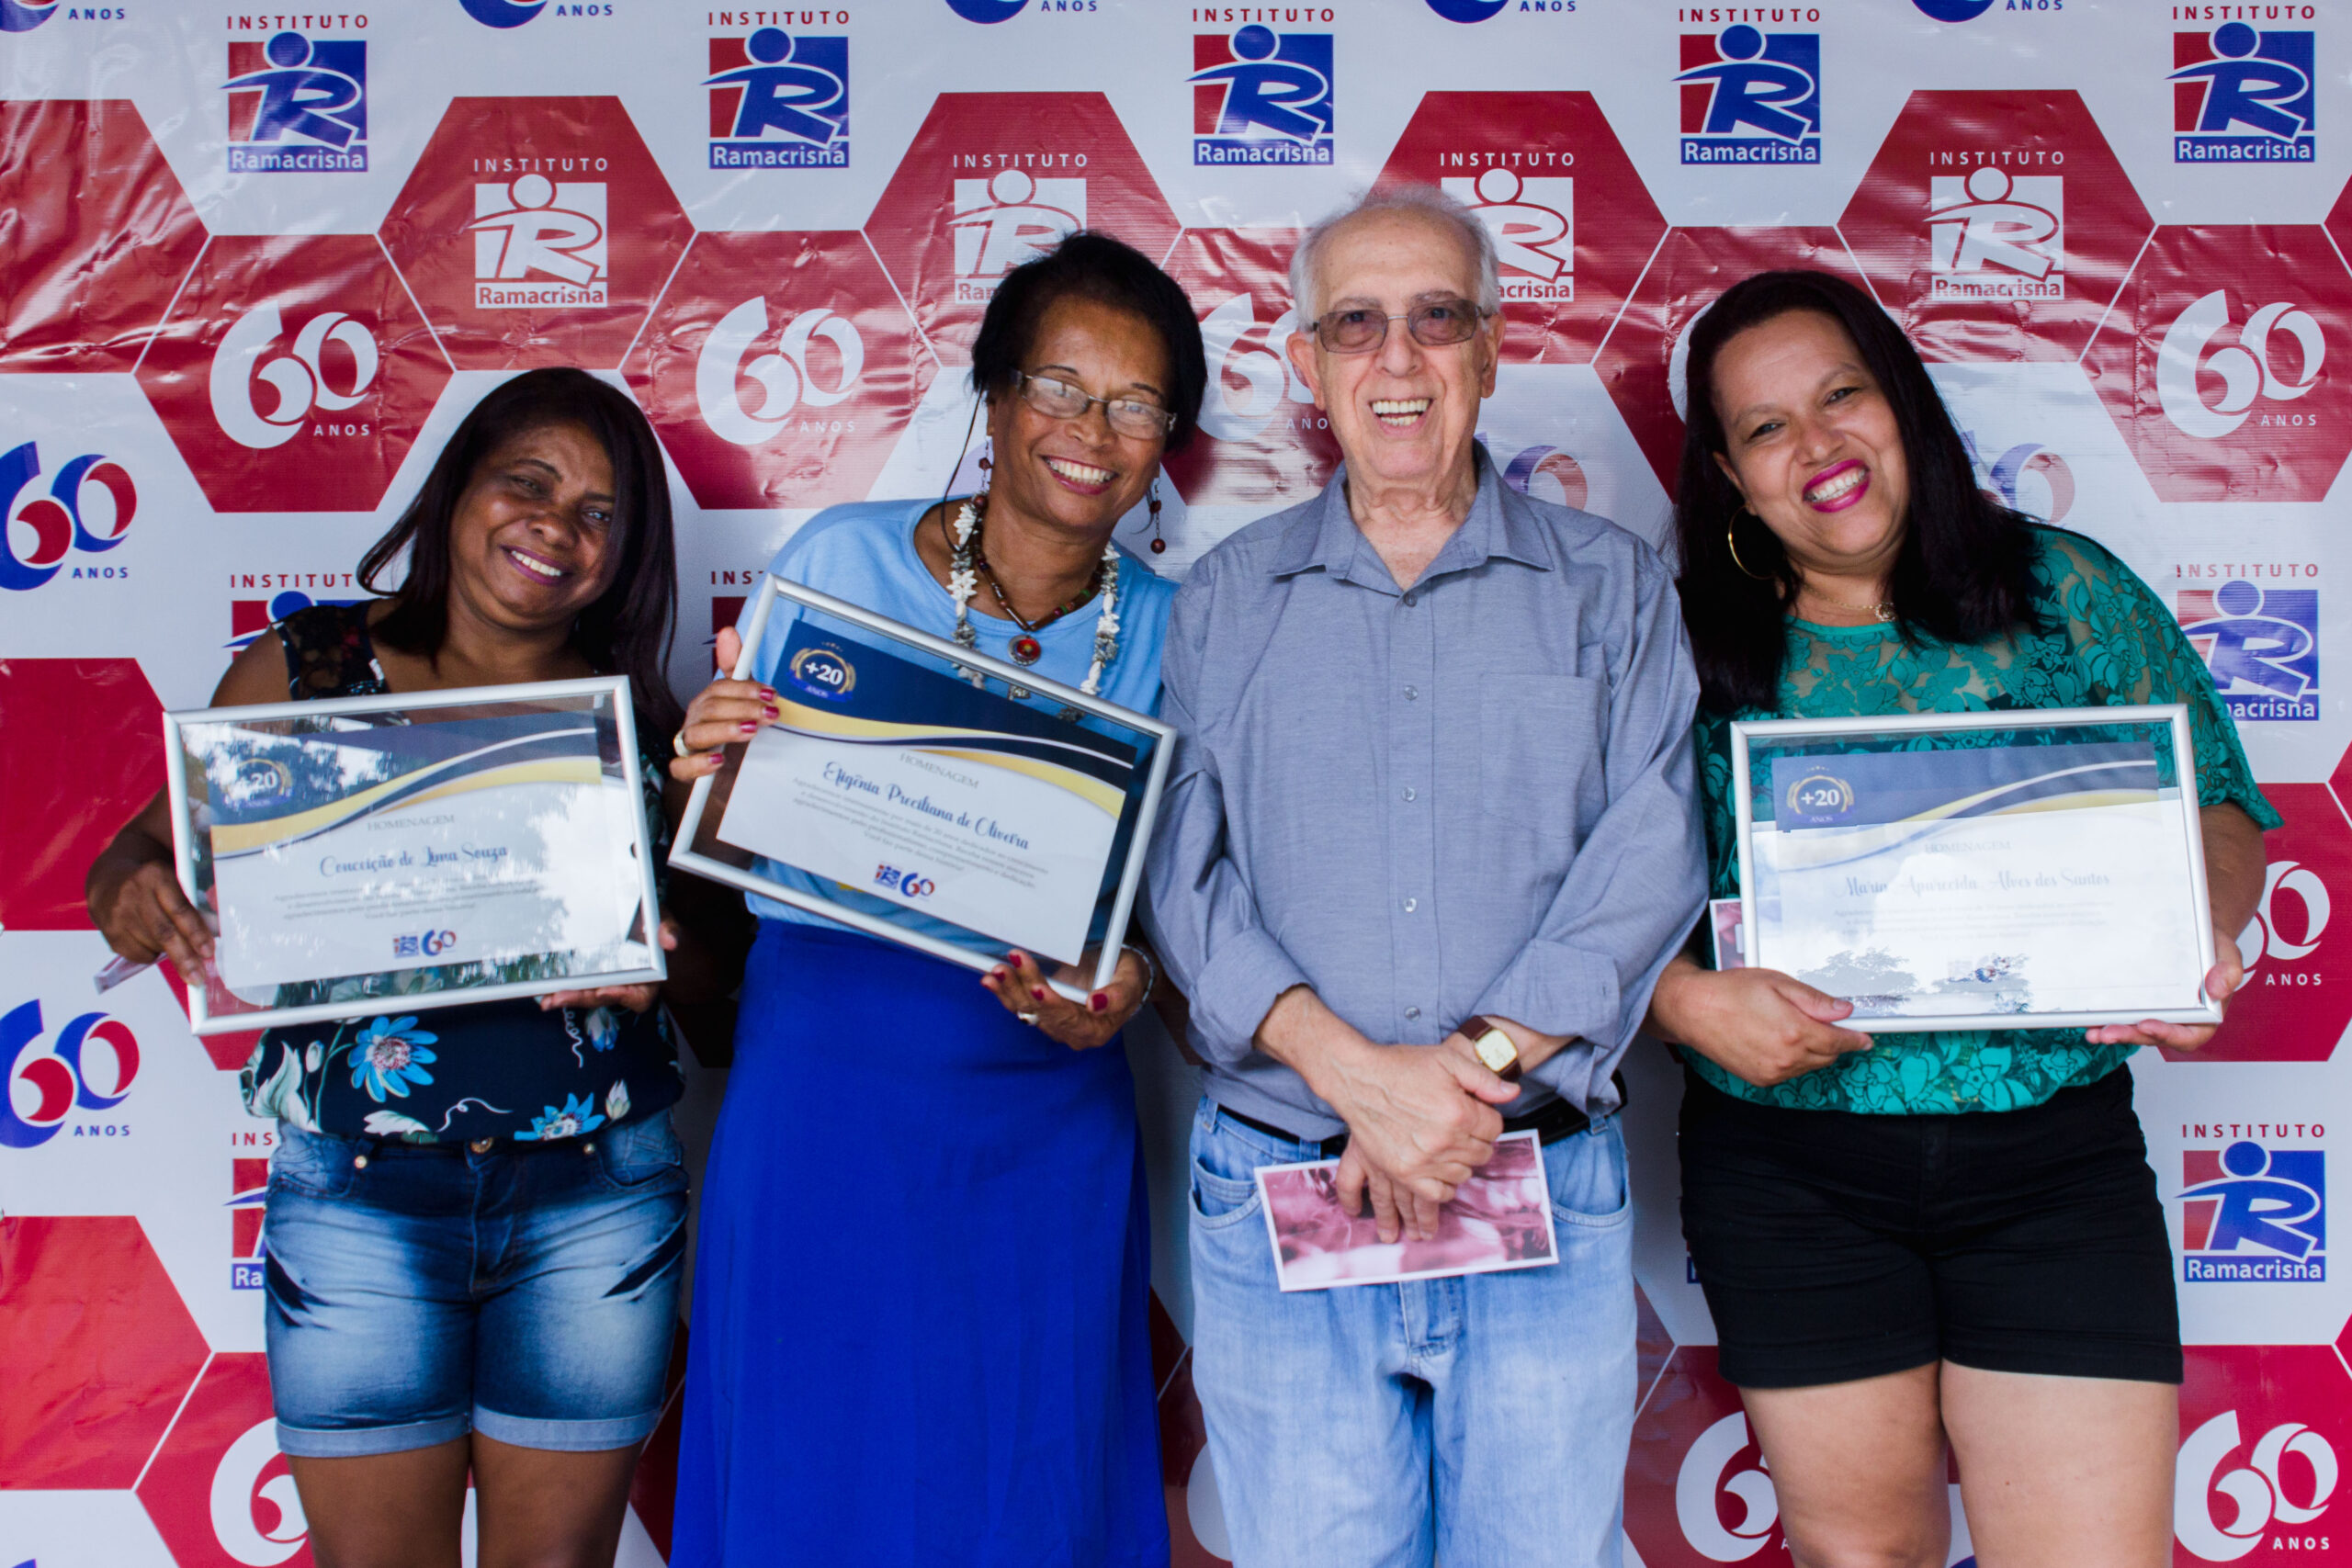 Três mulheres e um homem na foto. Dentre eles, Dona Efigênia recebendo homenagem por mais de 20 anos de Ramacrisna.